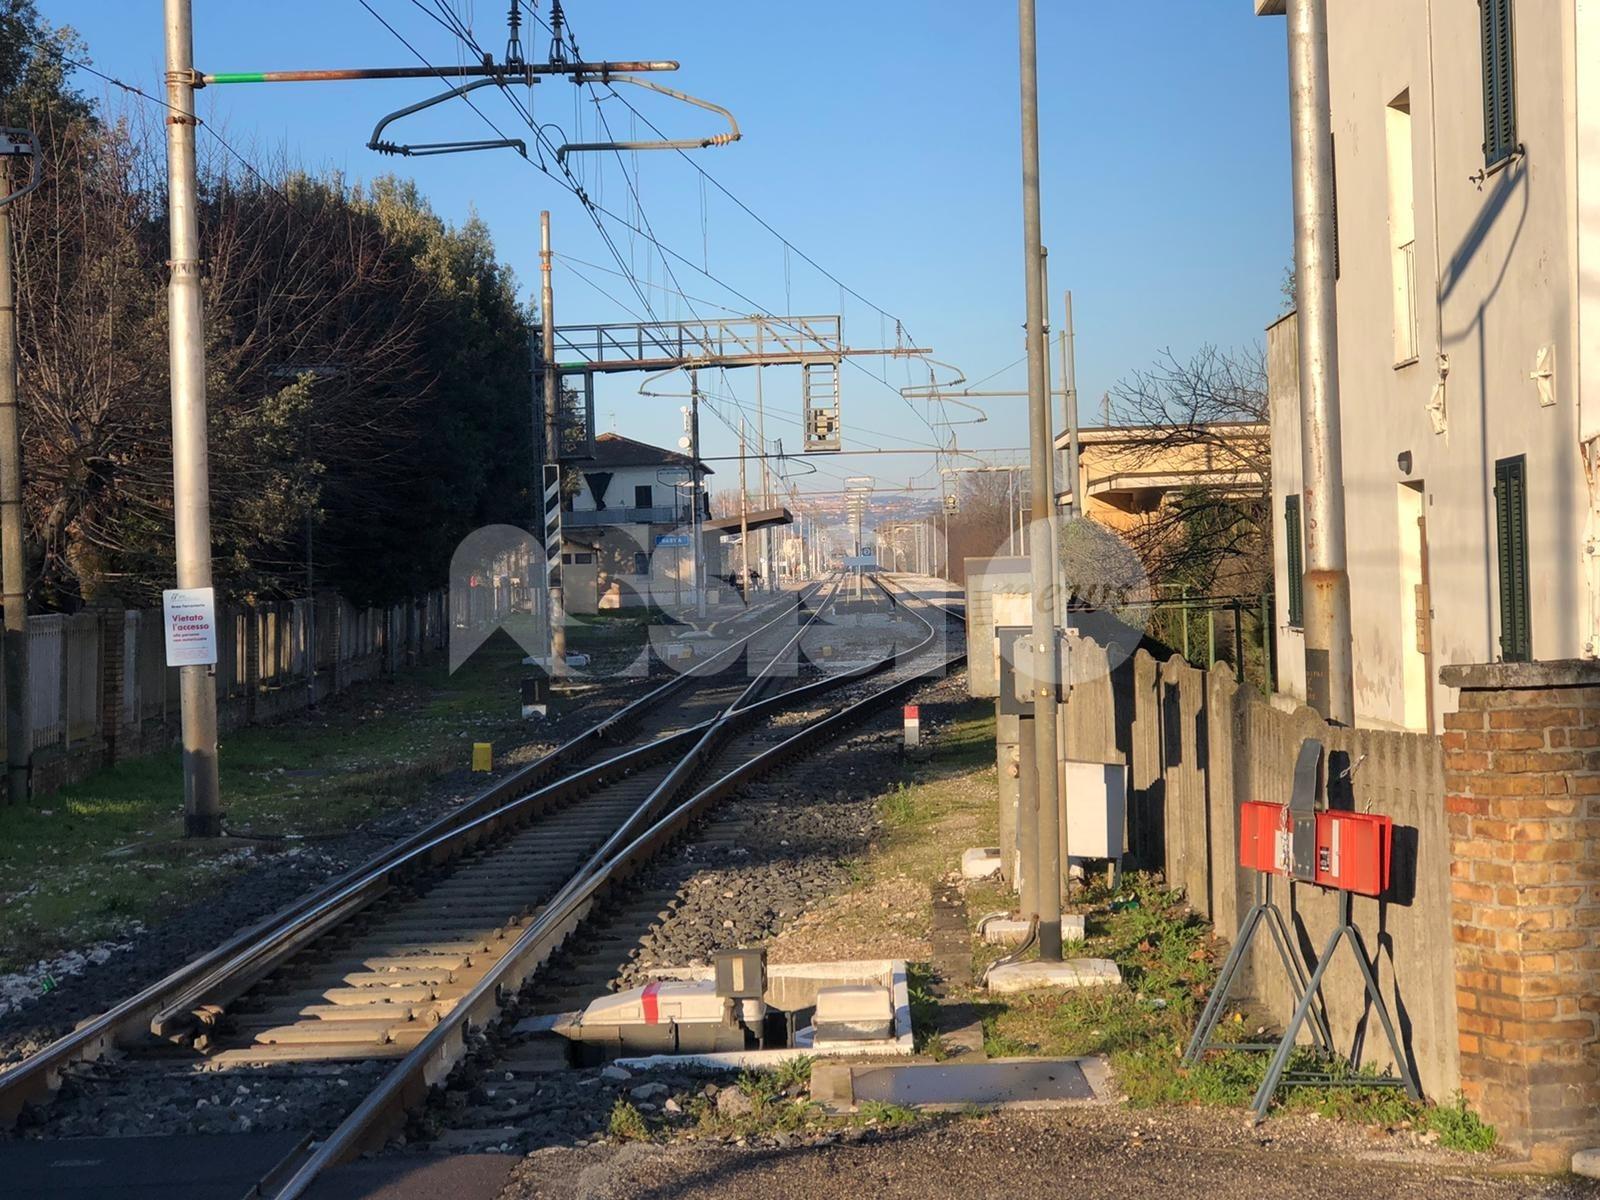 Investimento mortale alla stazione di Bastia Umbra, indagini in corso. Ripresa la circolazione - foto